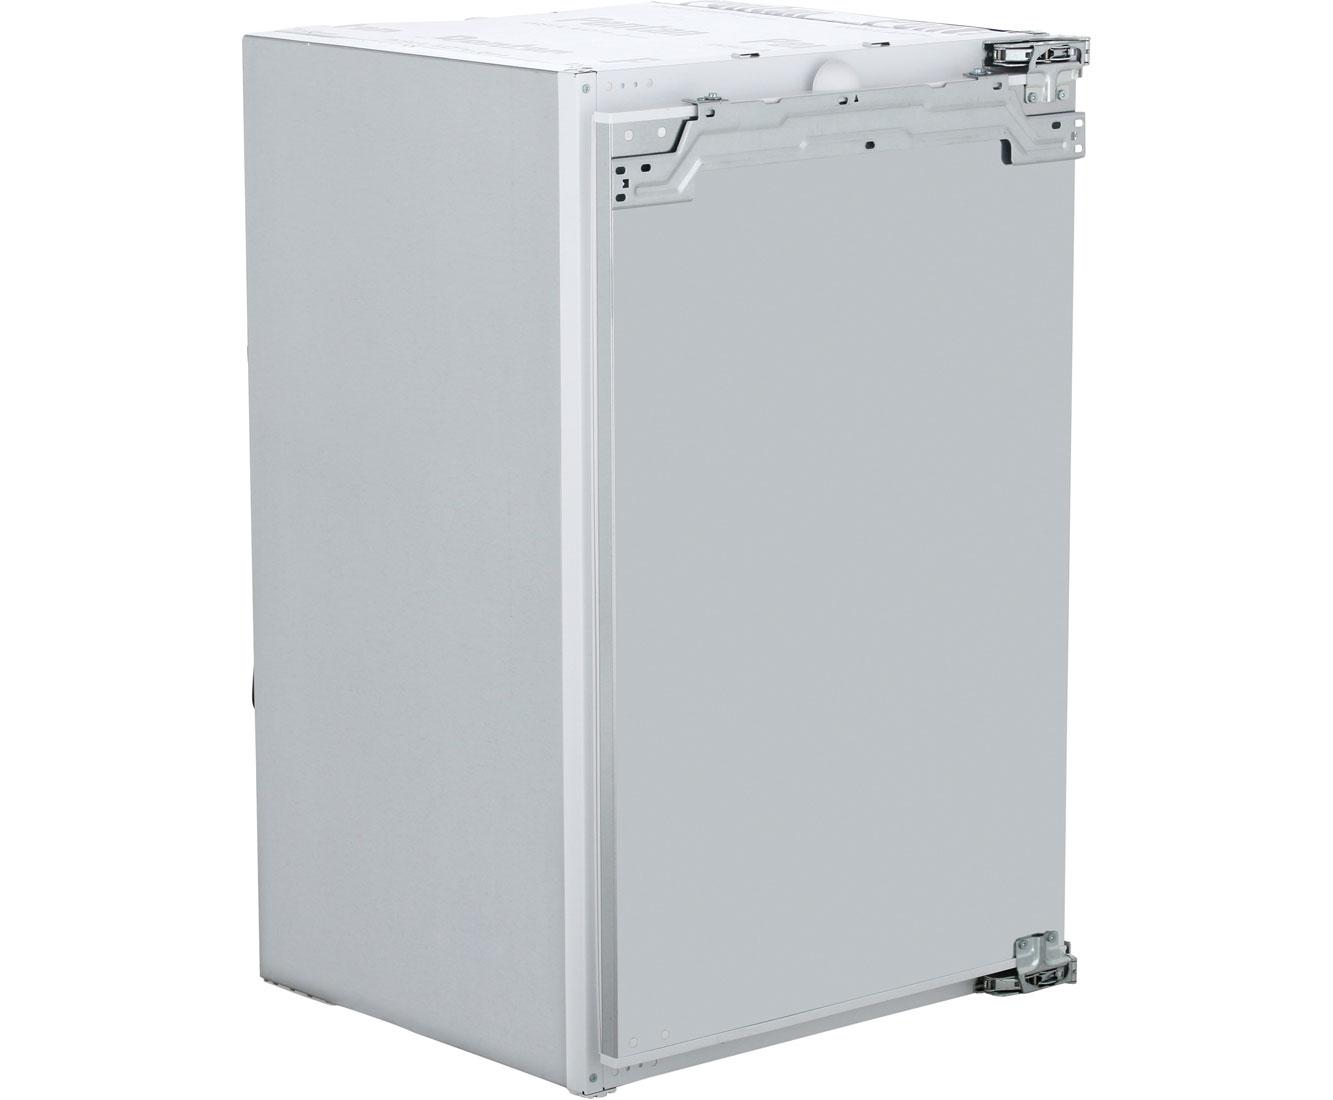 Kühlschrank Justieren Siemens : Siemens iq100 ki18lv51 einbau kühlschrank mit gefrierfach 88er